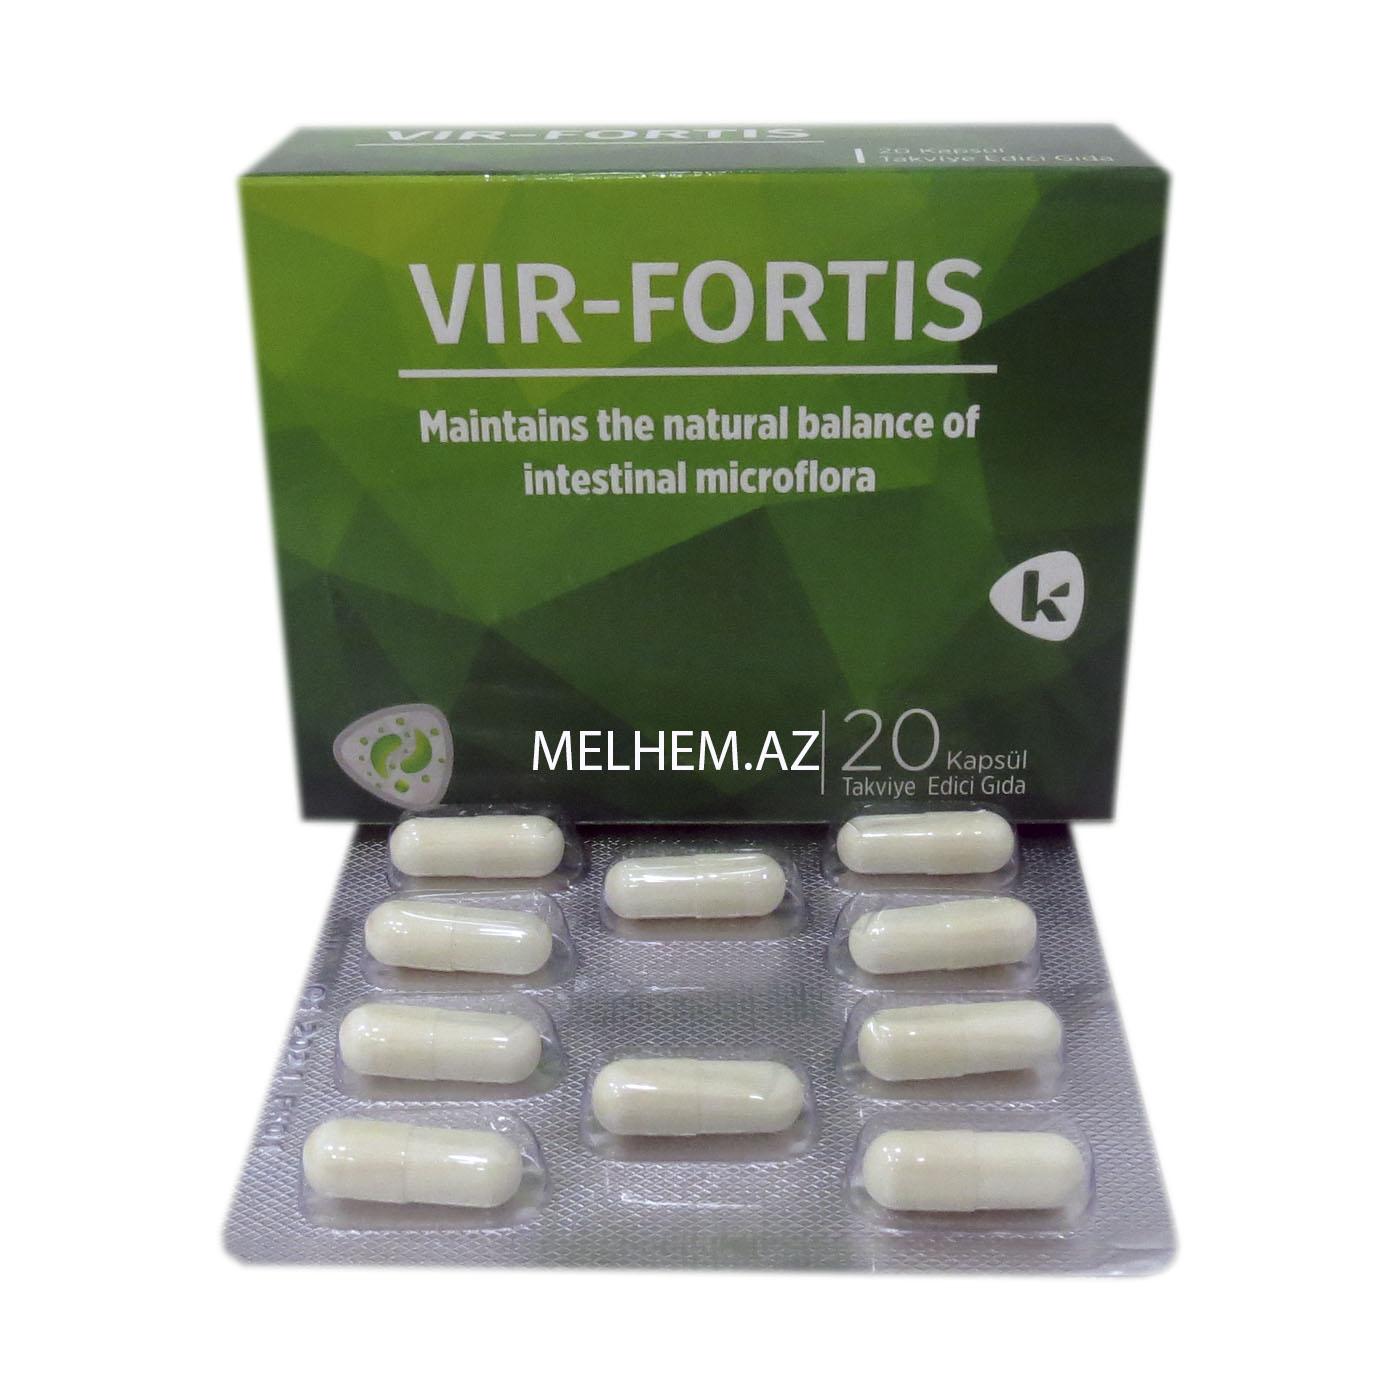 VIR-FORTIS